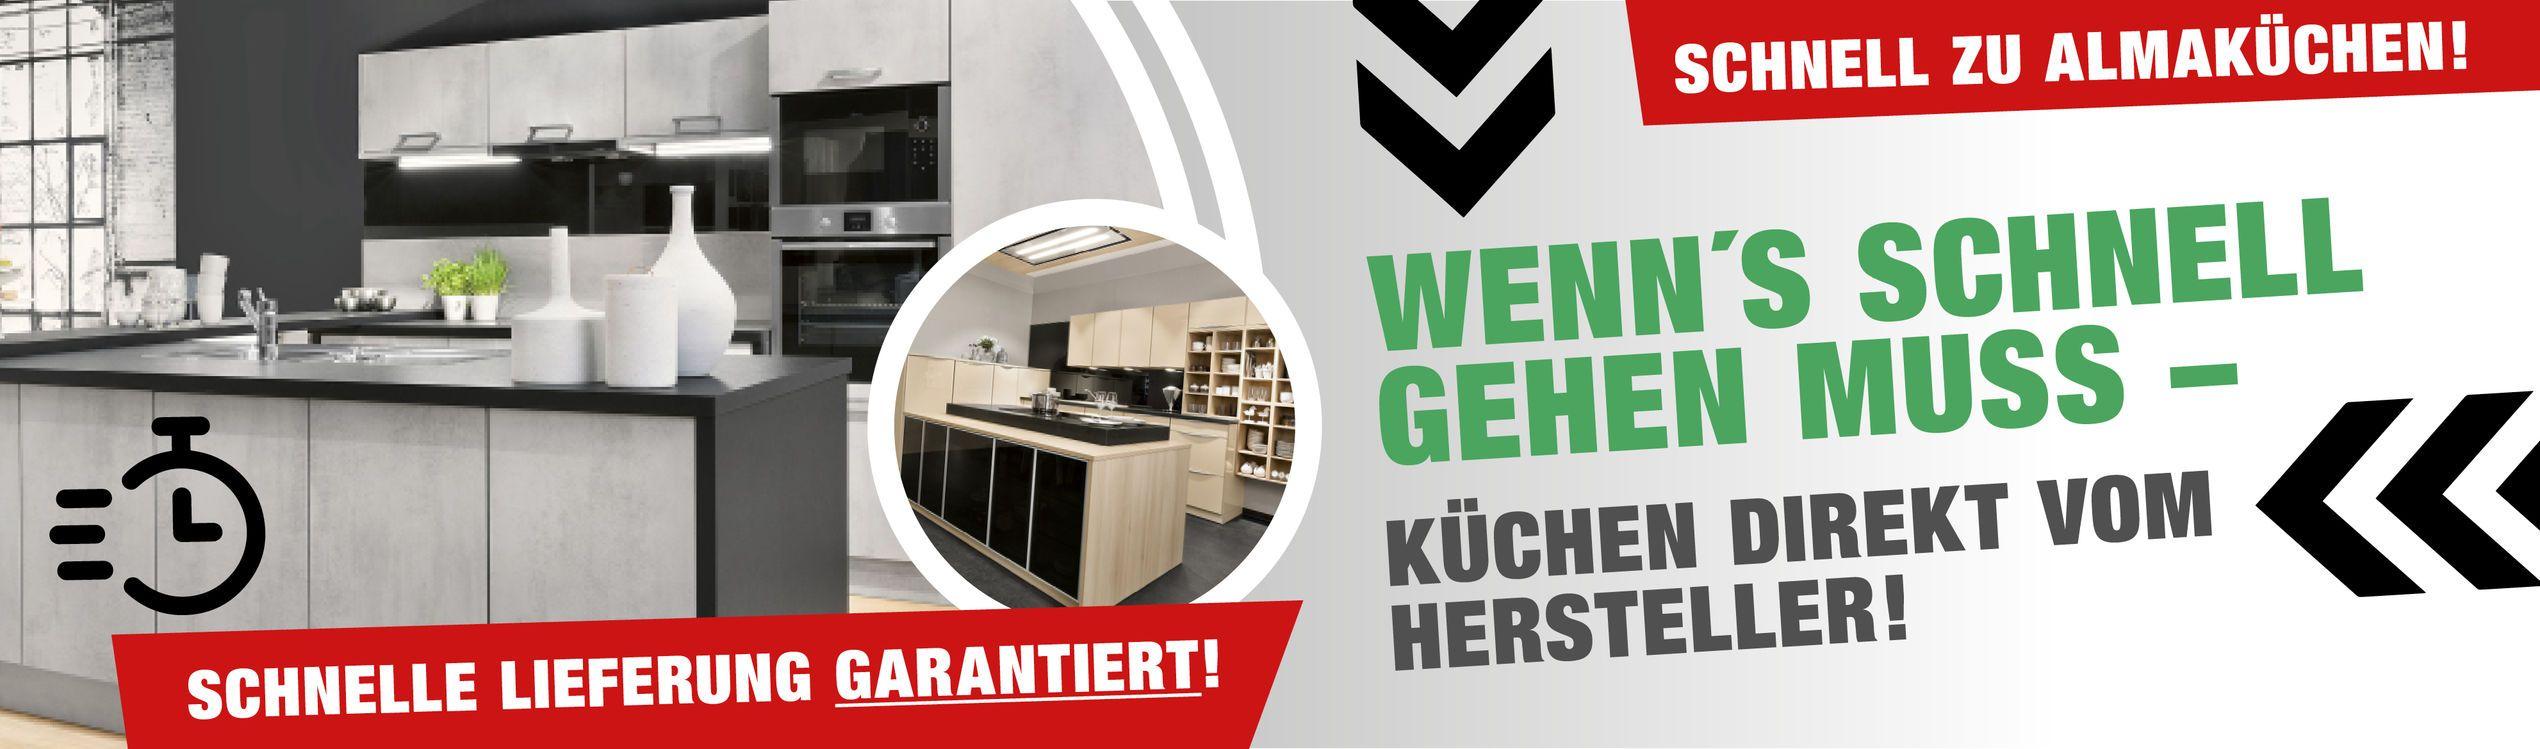 Full Size of Alma Kchenhersteller Kchen Direkt Vom Hersteller Kaufen Wohnzimmer Ausstellungsküchen Nrw